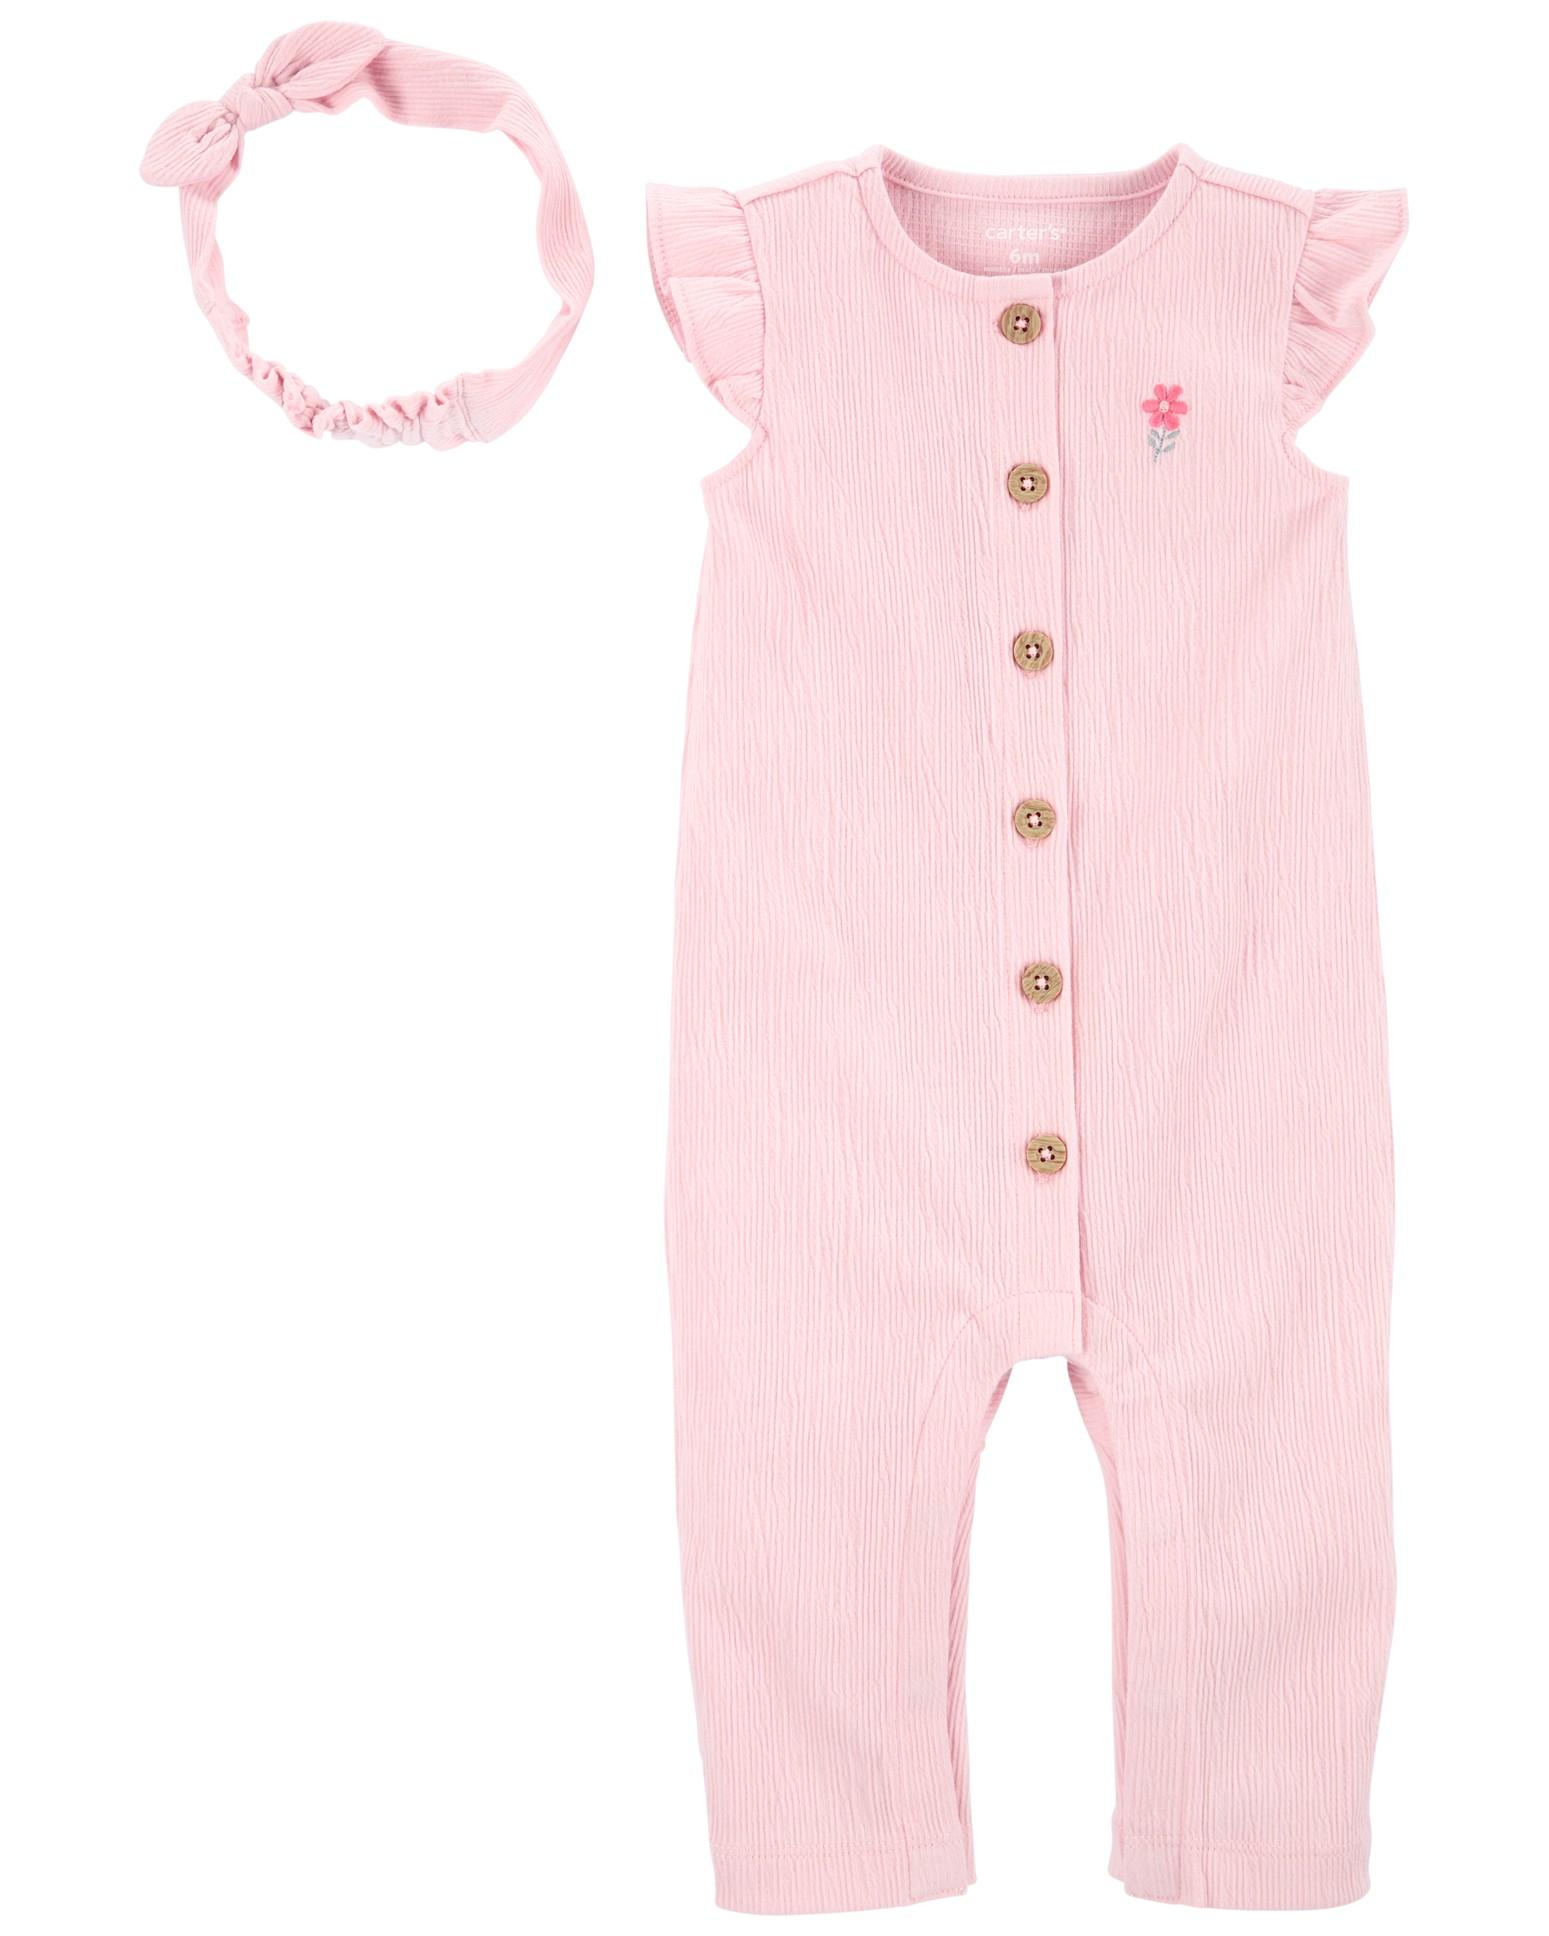 CARTER'S Set 2dielny overal na zips bez rukávov, čelenka Pink dievča LBB 12m, veľ. 80